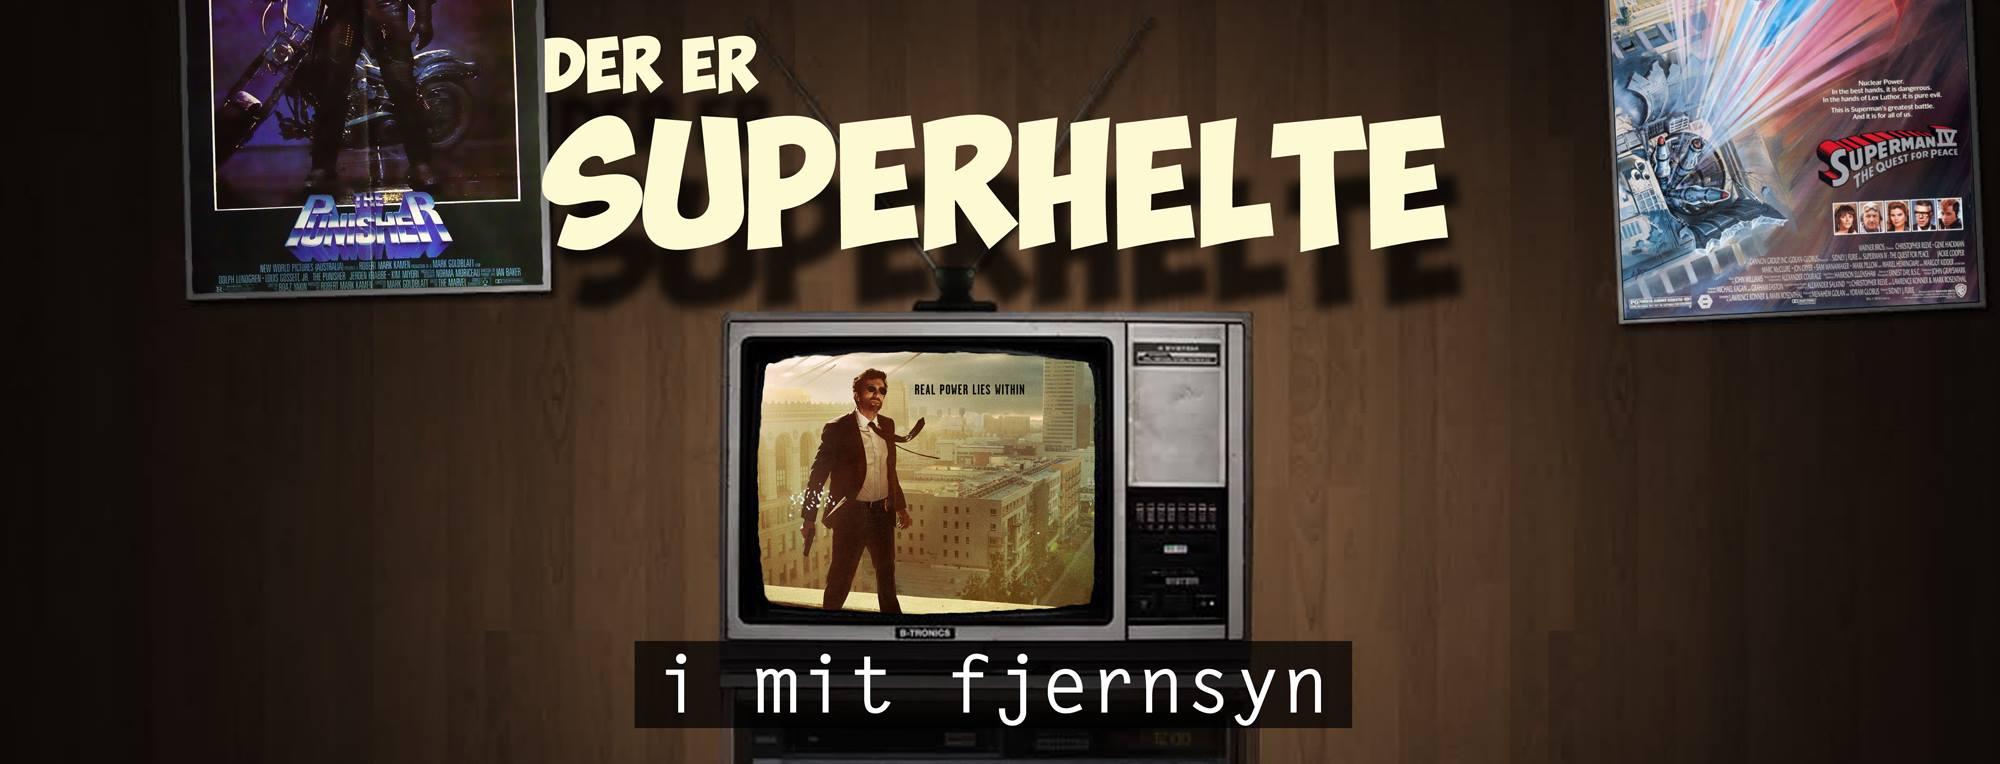 Der er Superhelte i mit fjernsyn - POWERS